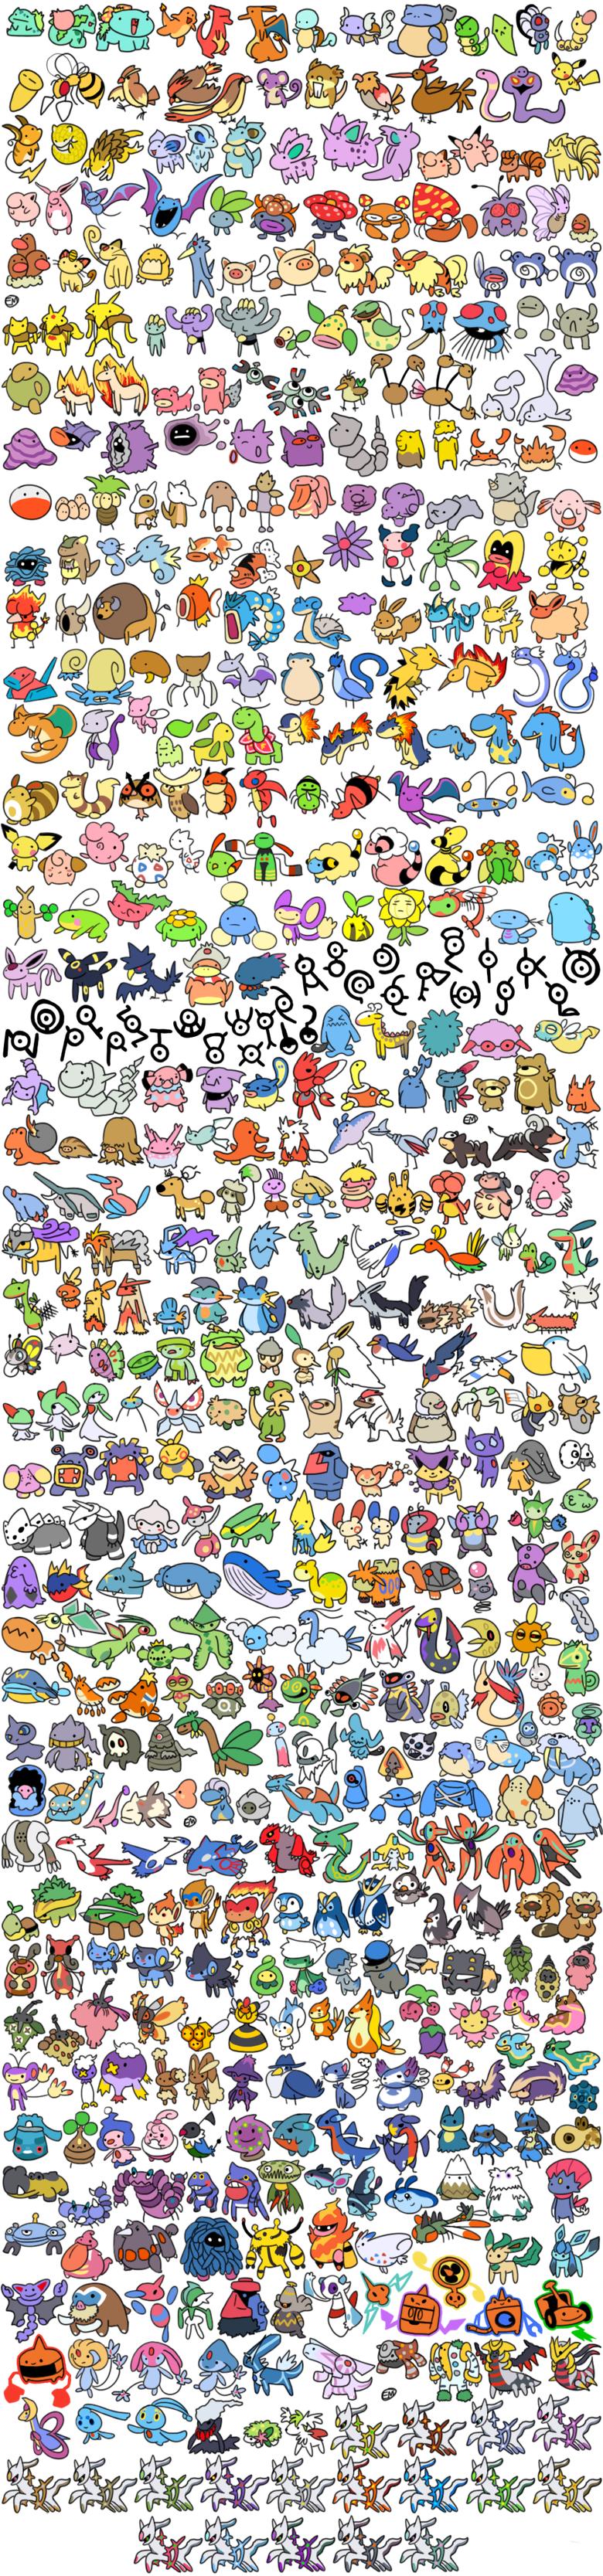 Fotos de todos los pokemon de teselia 69